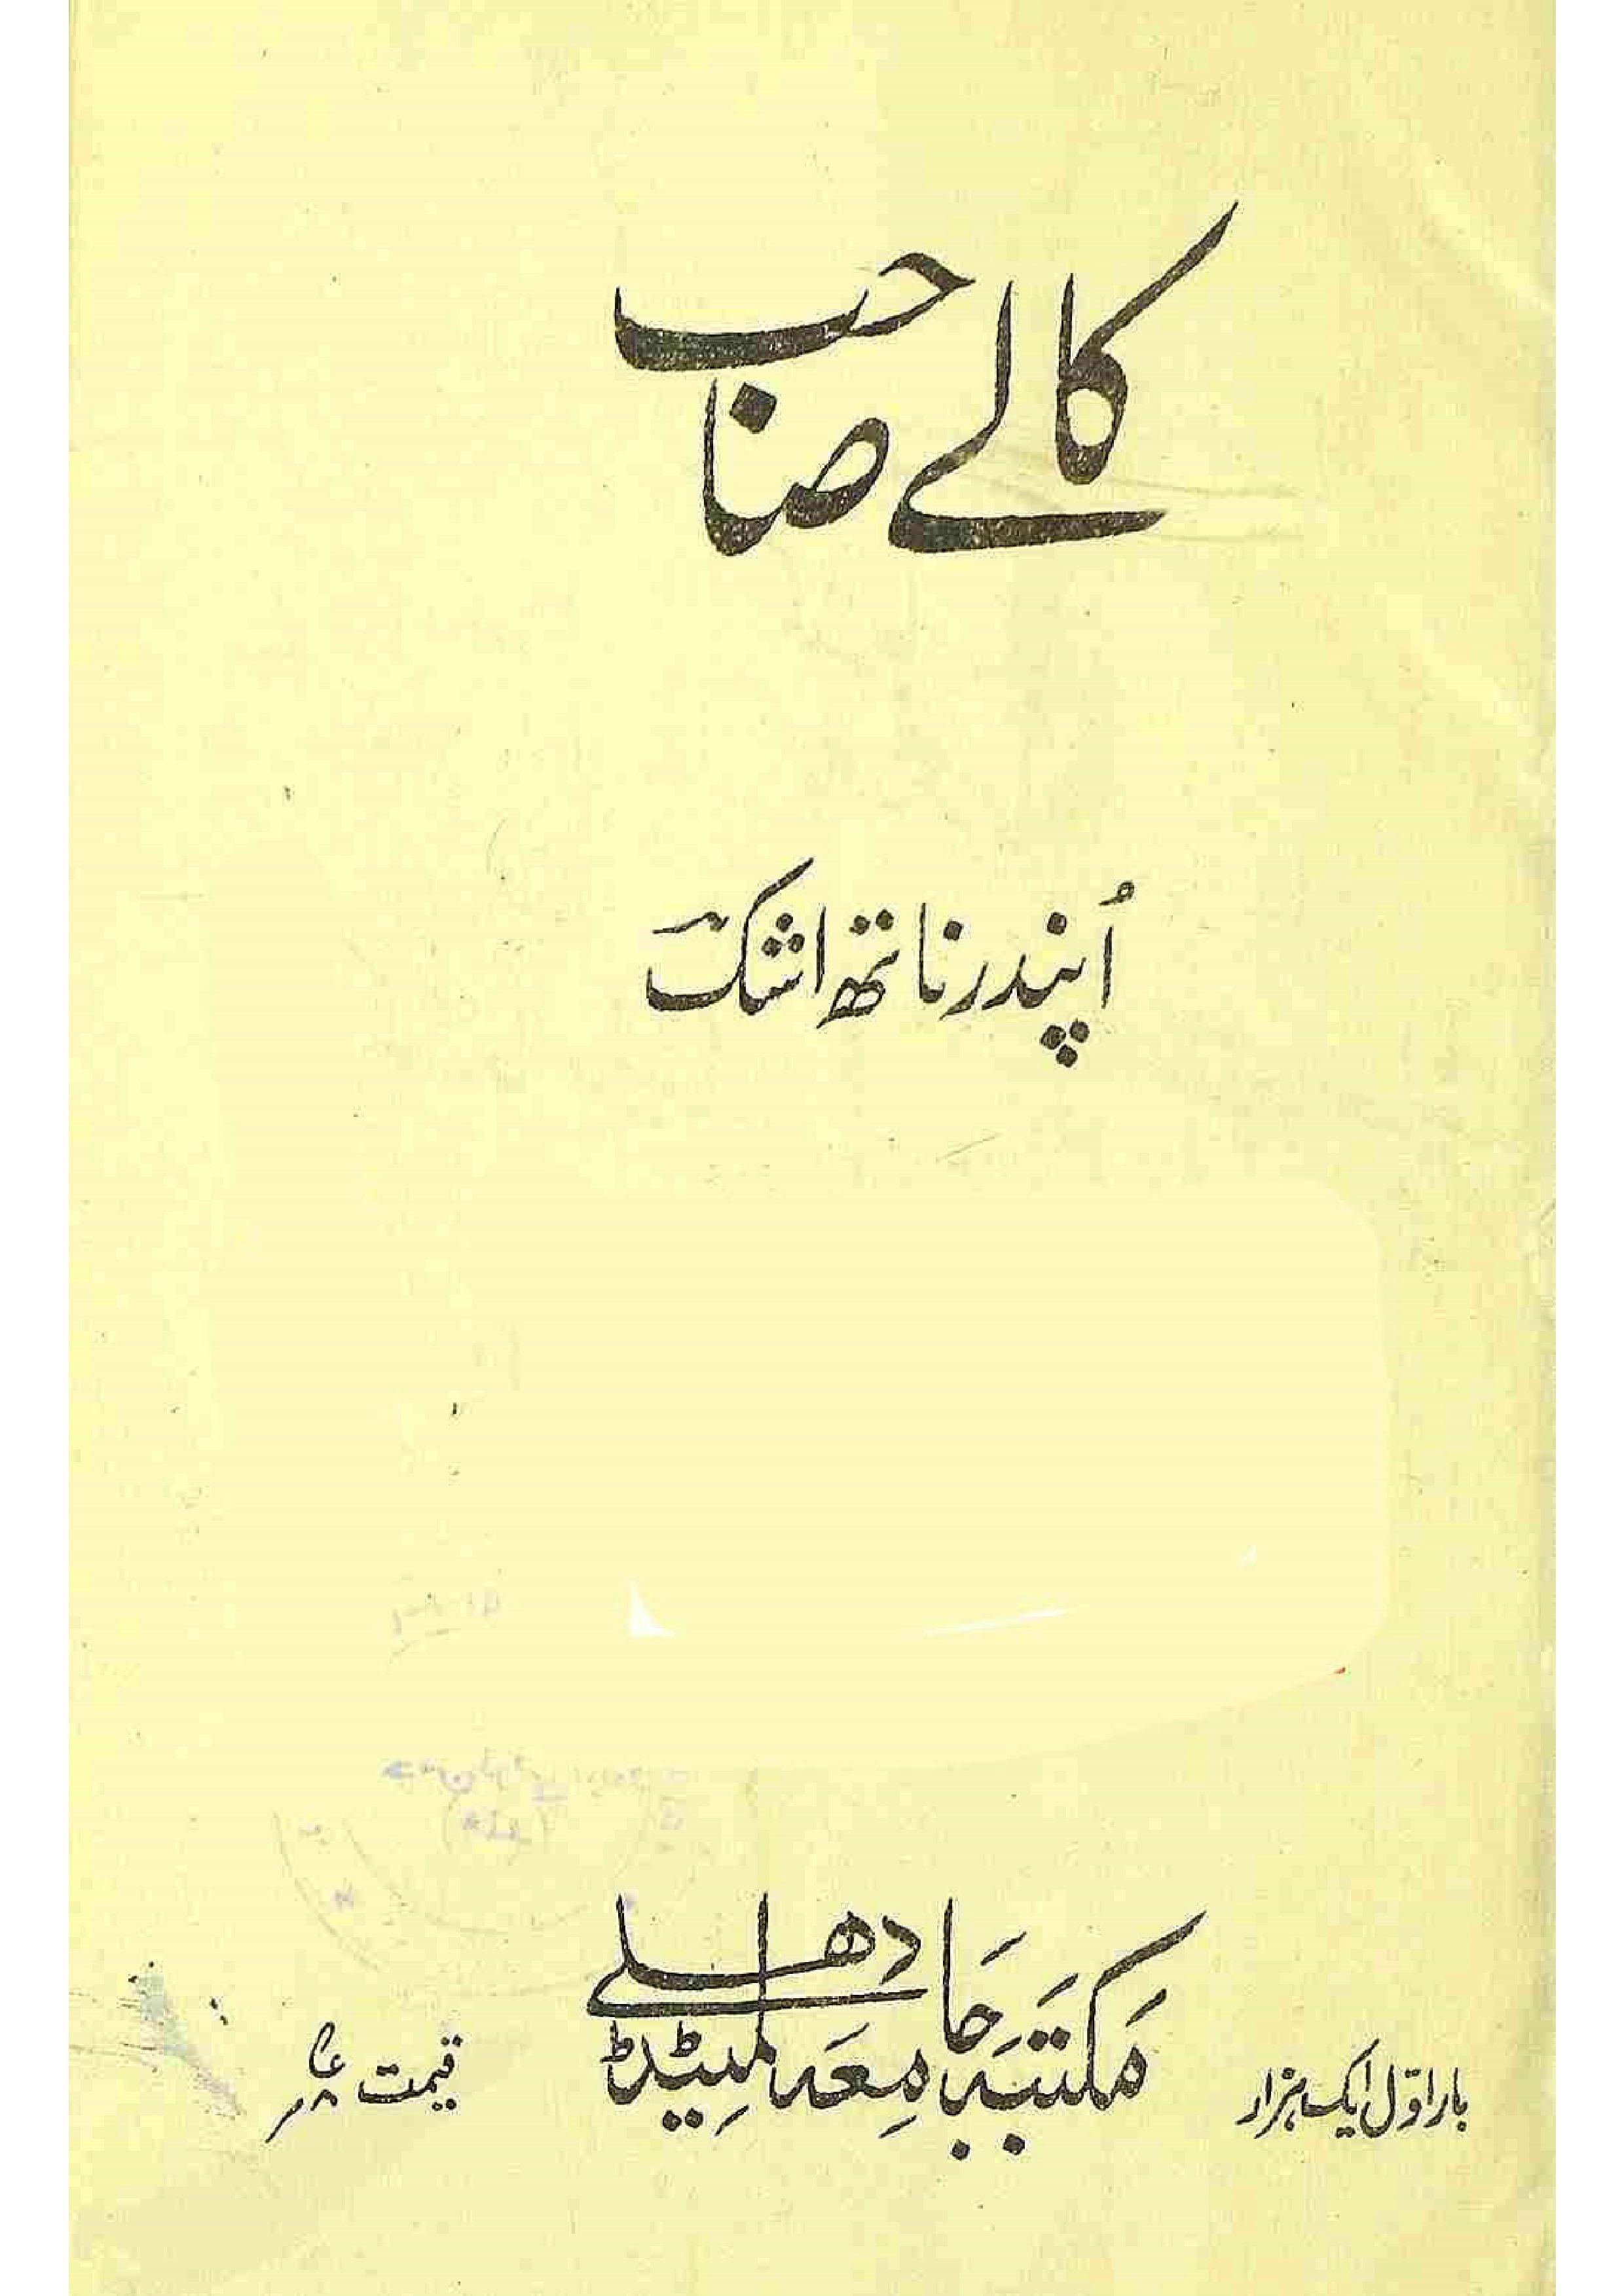 Kale Sahab